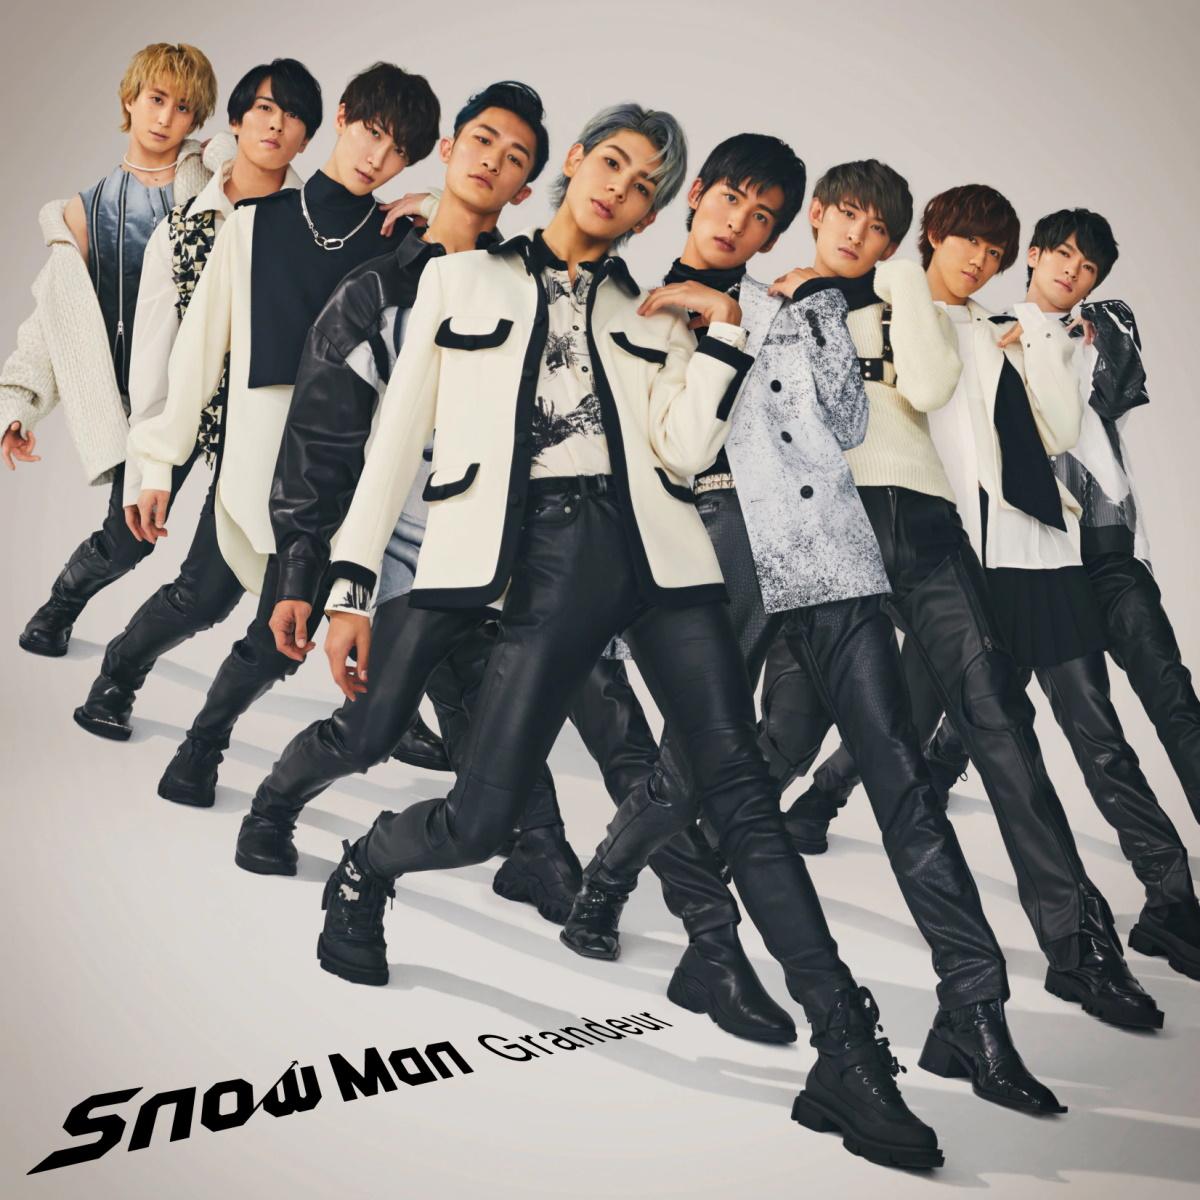 『Snow Man - Grandeur』収録の『Grandeur』ジャケット